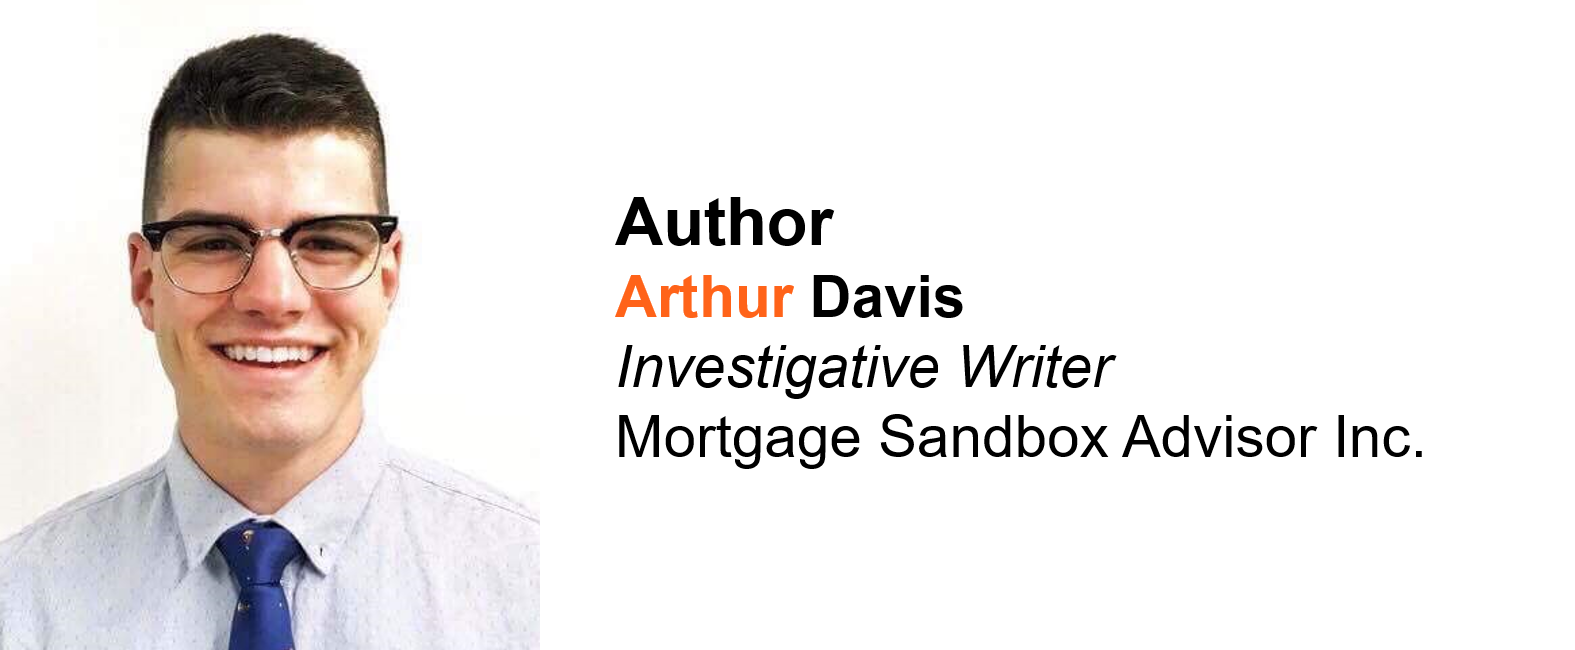 Arthur-Davis-Author